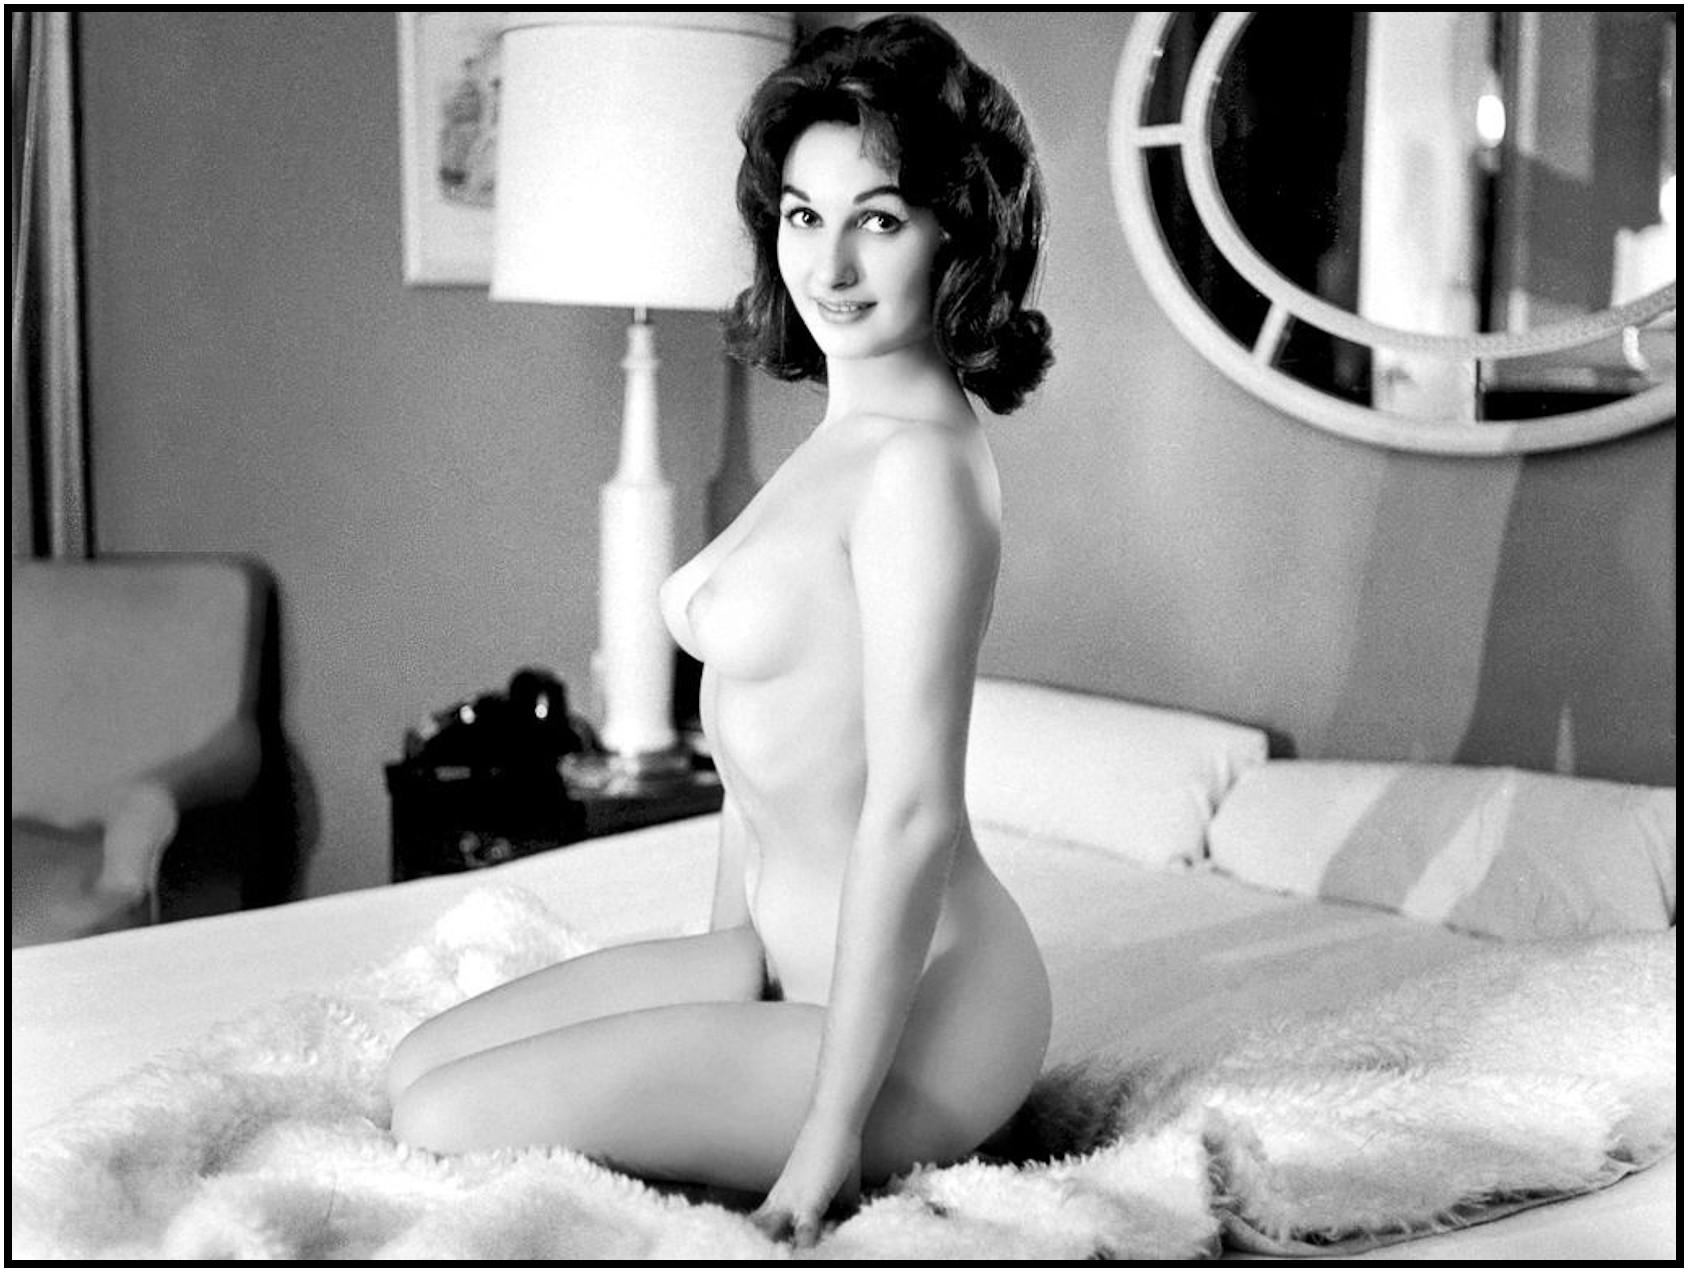 Rita Grable